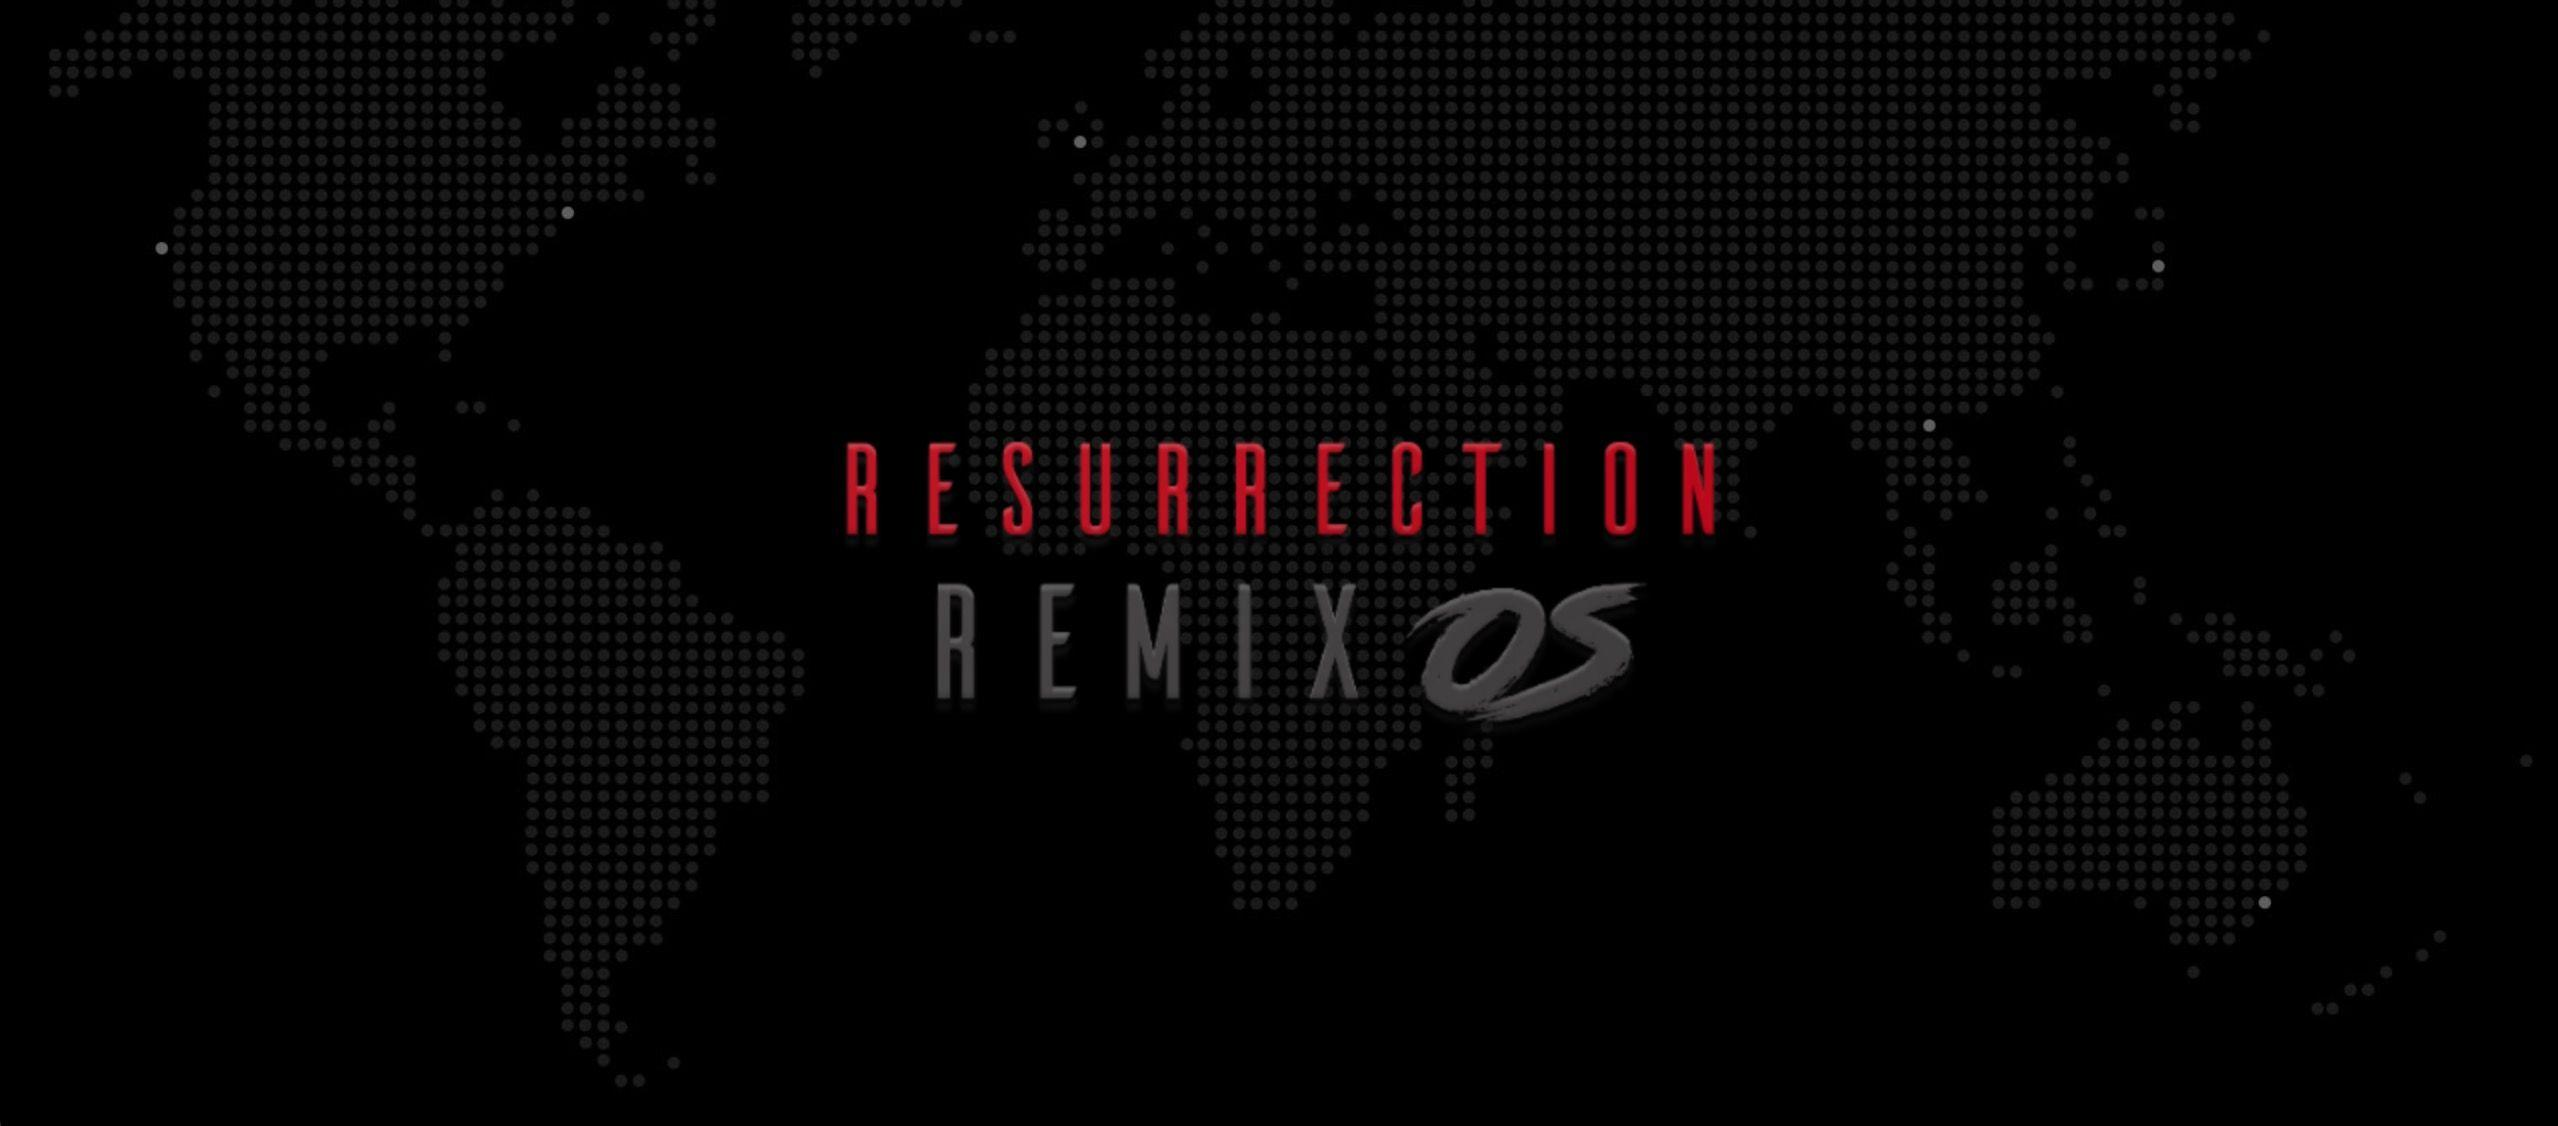 Resurrection Remix per OnePlus 3T: la recensione della Custom ROM